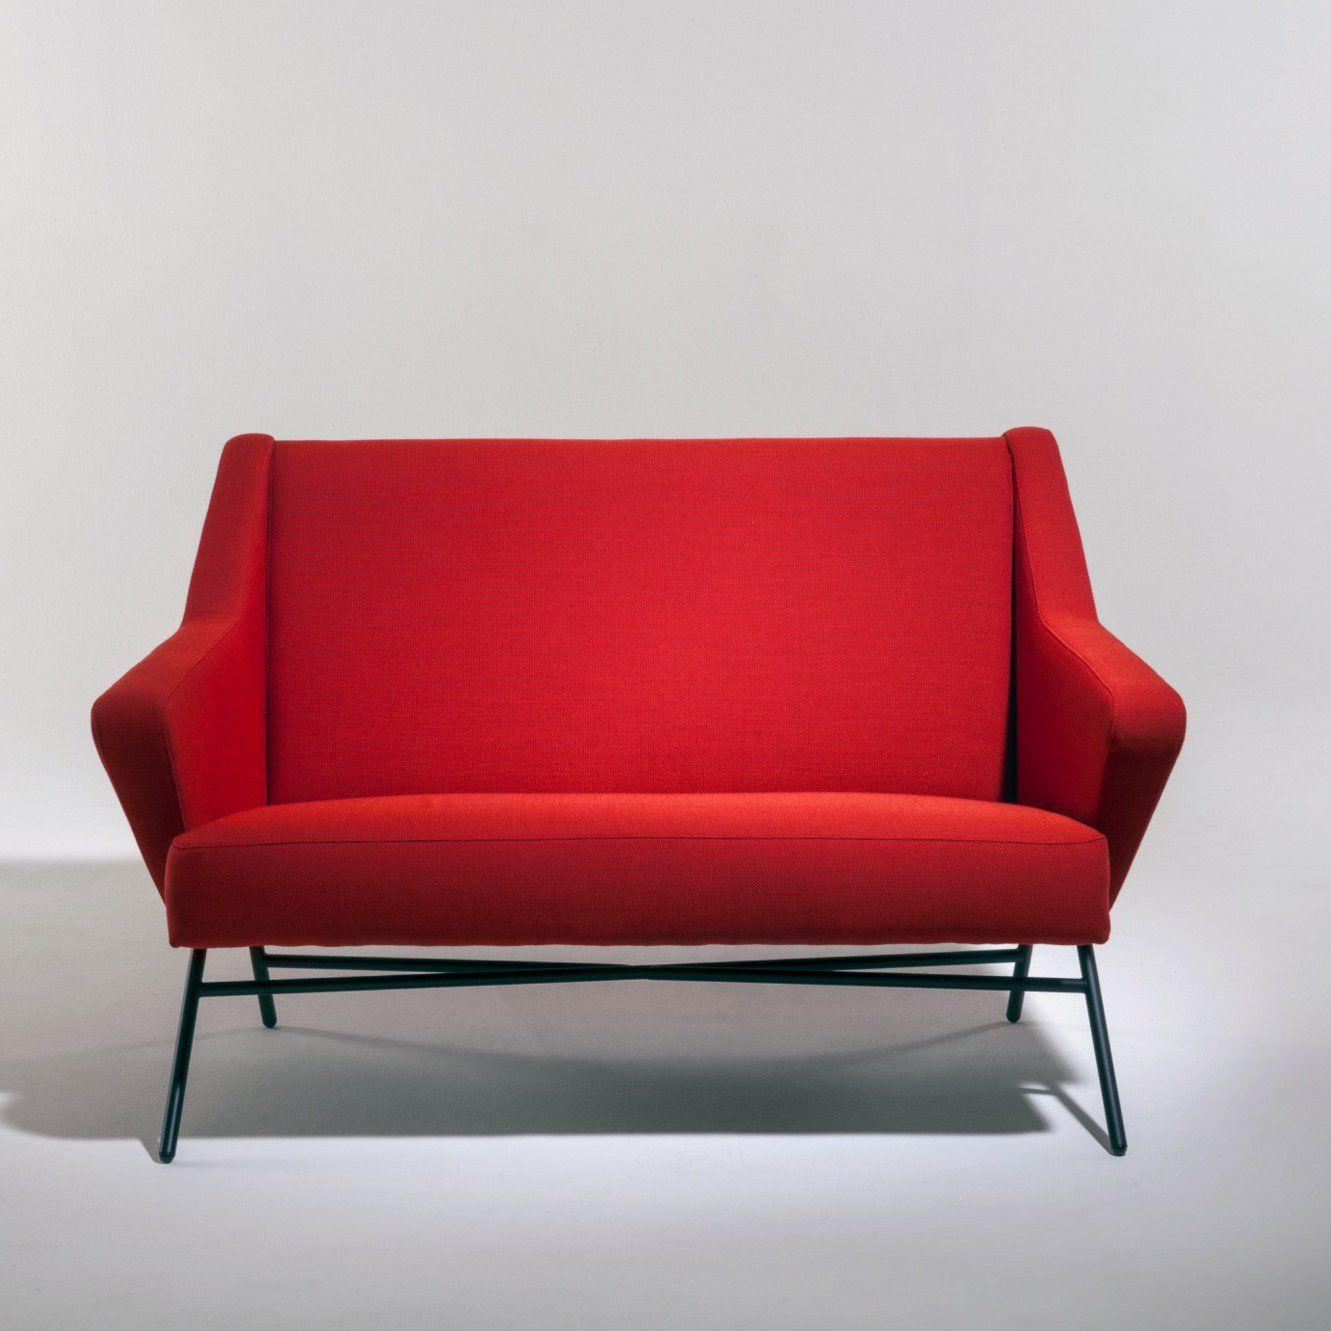 petite banquette rouge vif avec pied en fer noir design et moderne ce canap droit tiendra. Black Bedroom Furniture Sets. Home Design Ideas